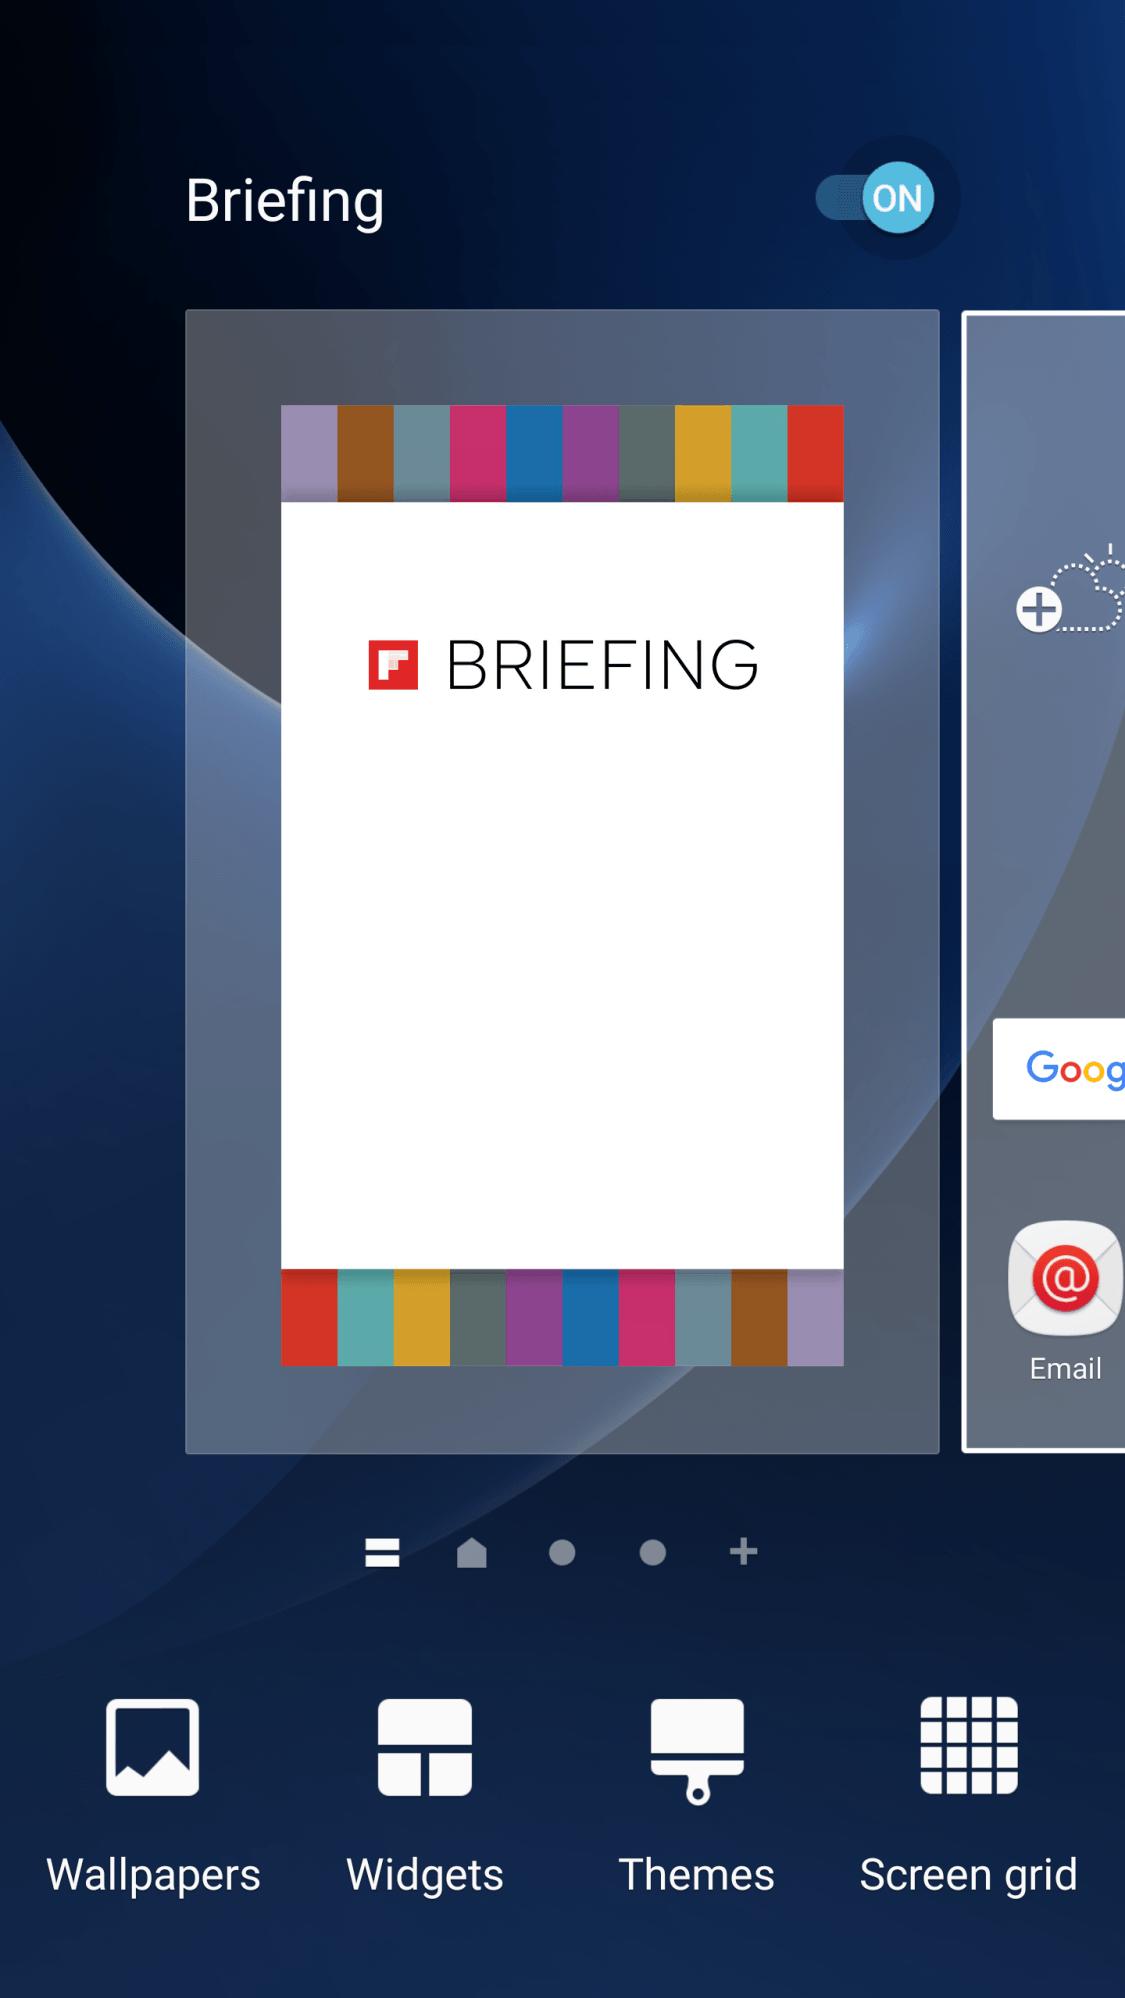 Galaxy_S7briefing